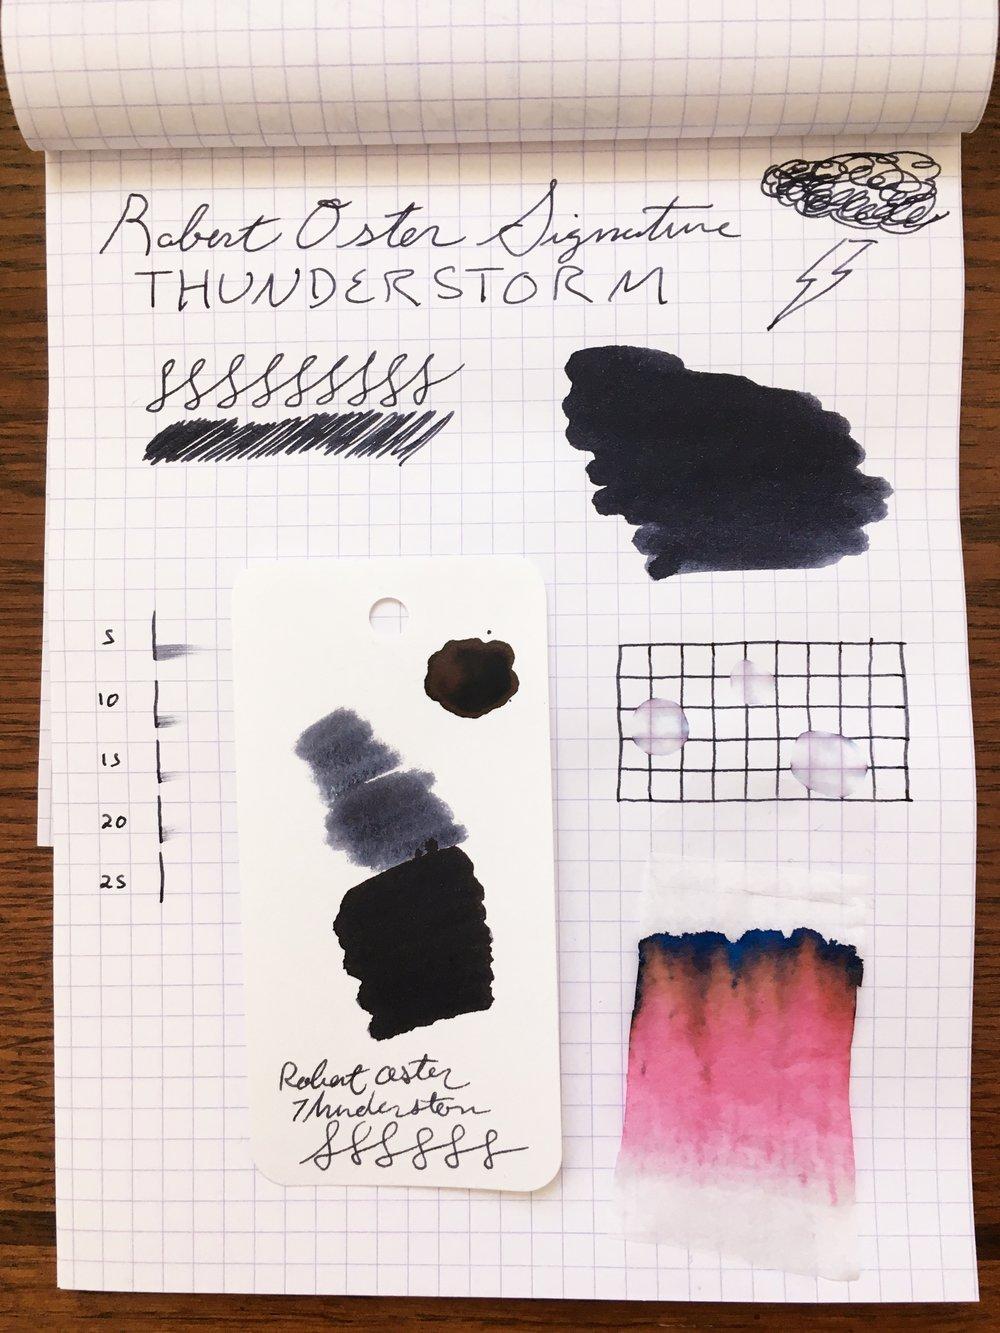 Robert Oster Thunderstorm Ink Test